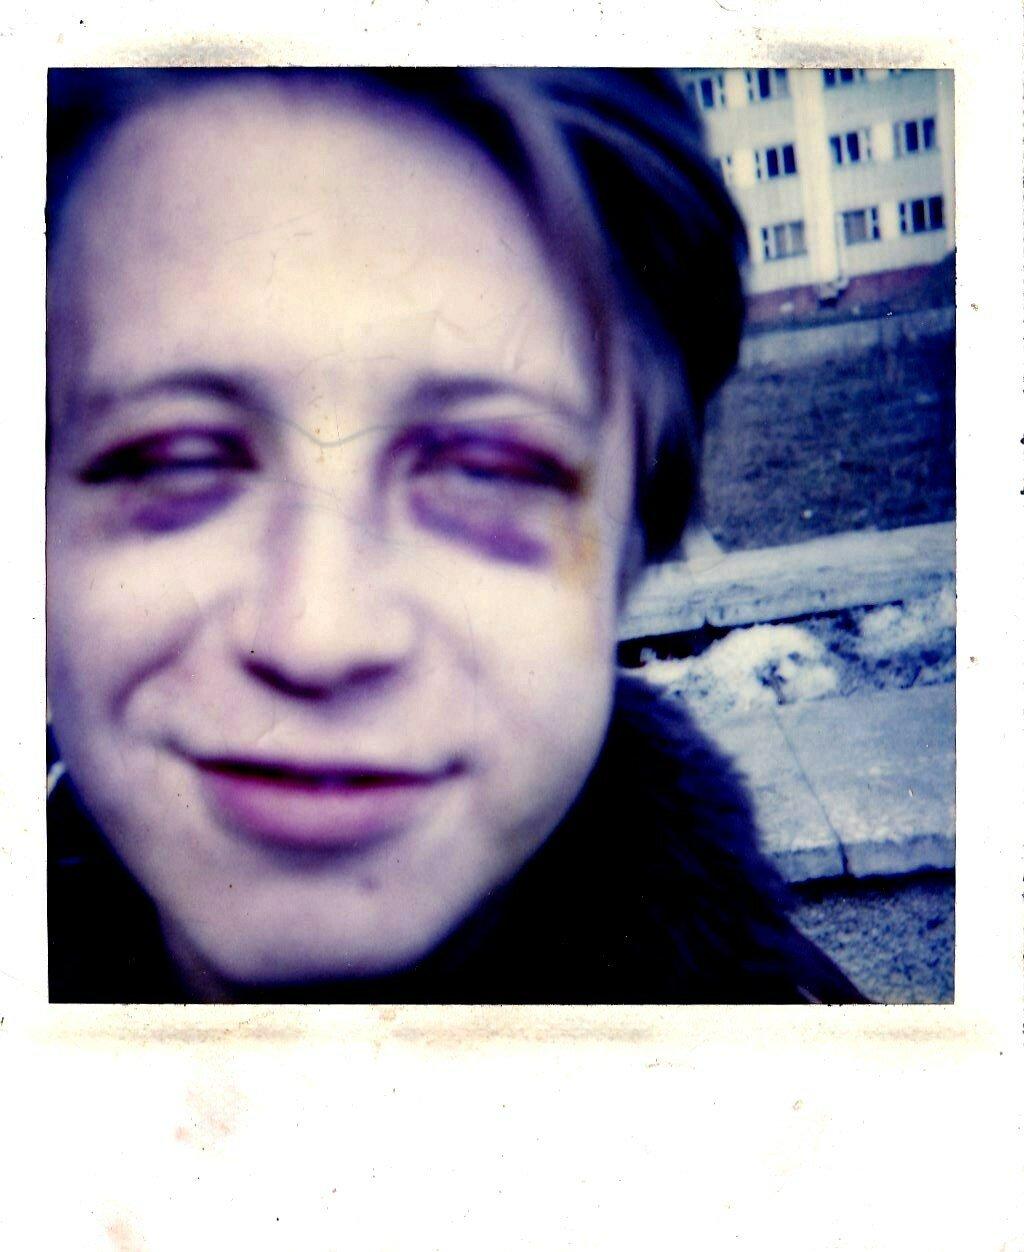 1993-1994. Алексей «Рыба» Рыбаков возле больницы в Юбилейном после неудачного падения в лестничный пролет